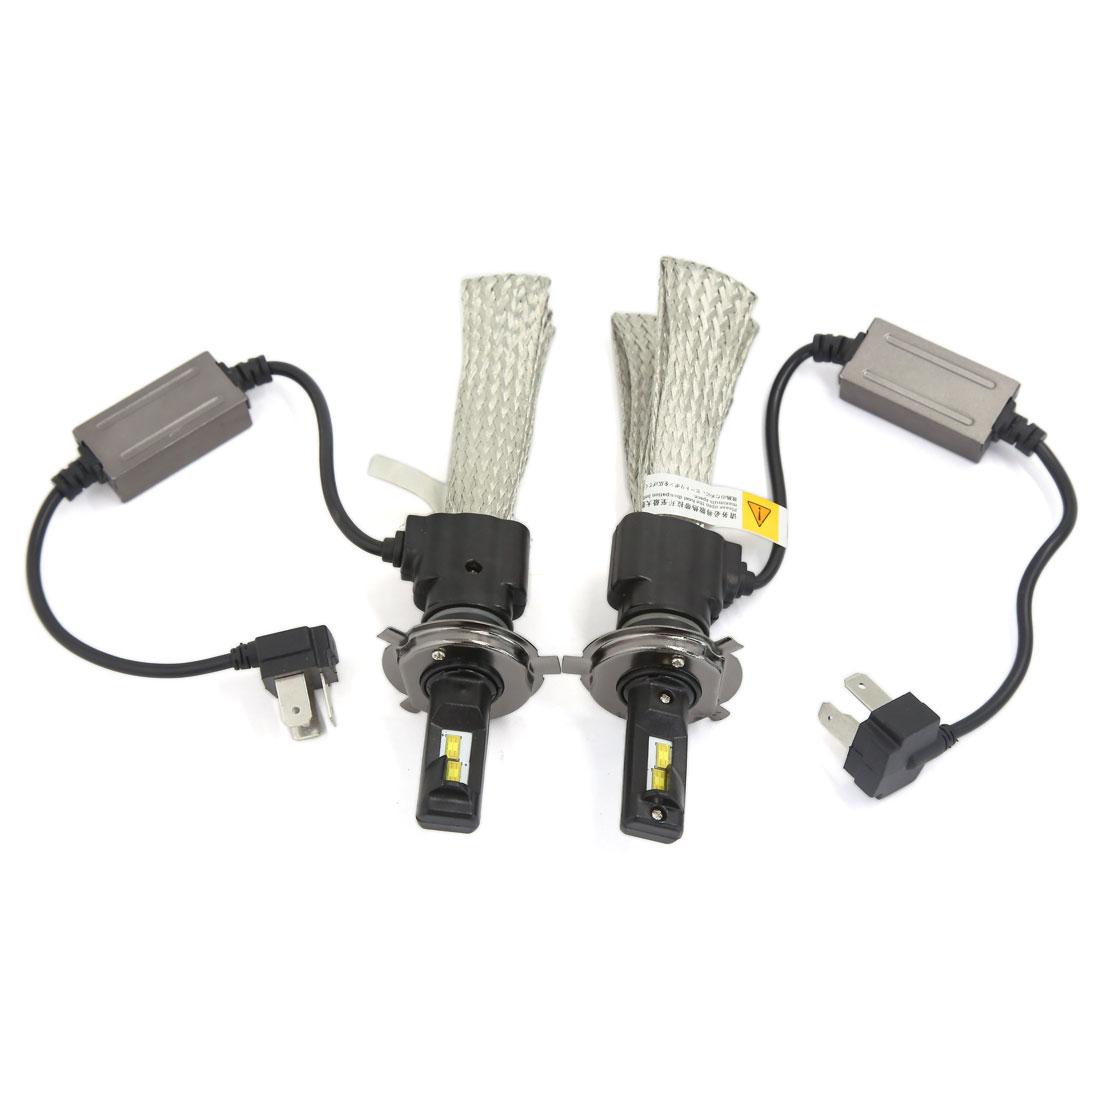 2PCS H4 9003 6000K White 30W 3200LM LED Headlight Conversion Kit w Copper Braid